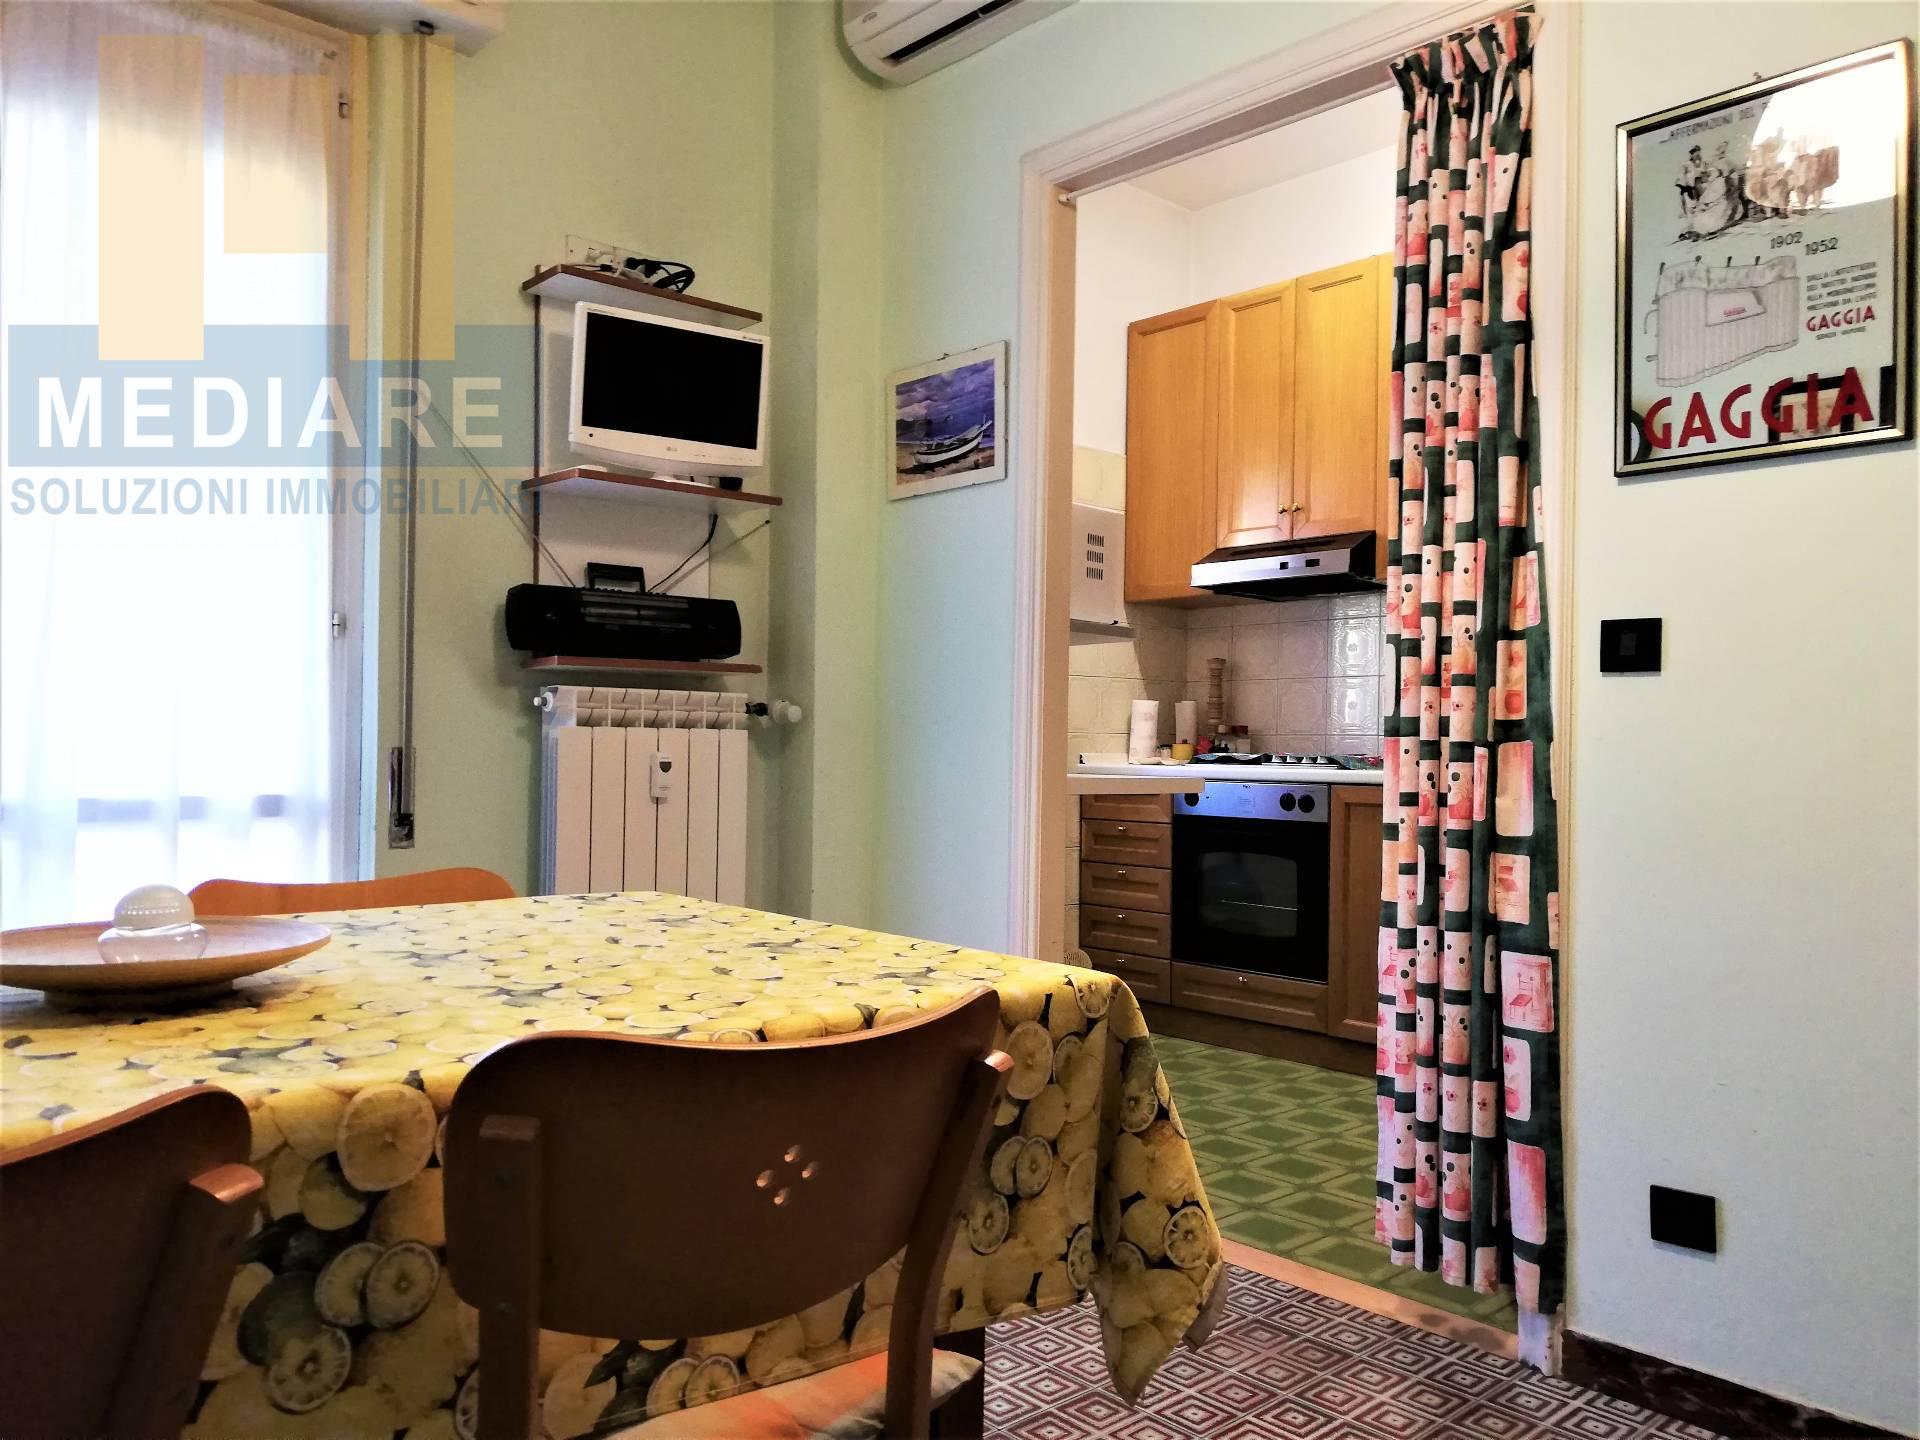 Appartamento in vendita a Finale Ligure, 3 locali, zona Località: FinaleMarina, prezzo € 190.000 | CambioCasa.it